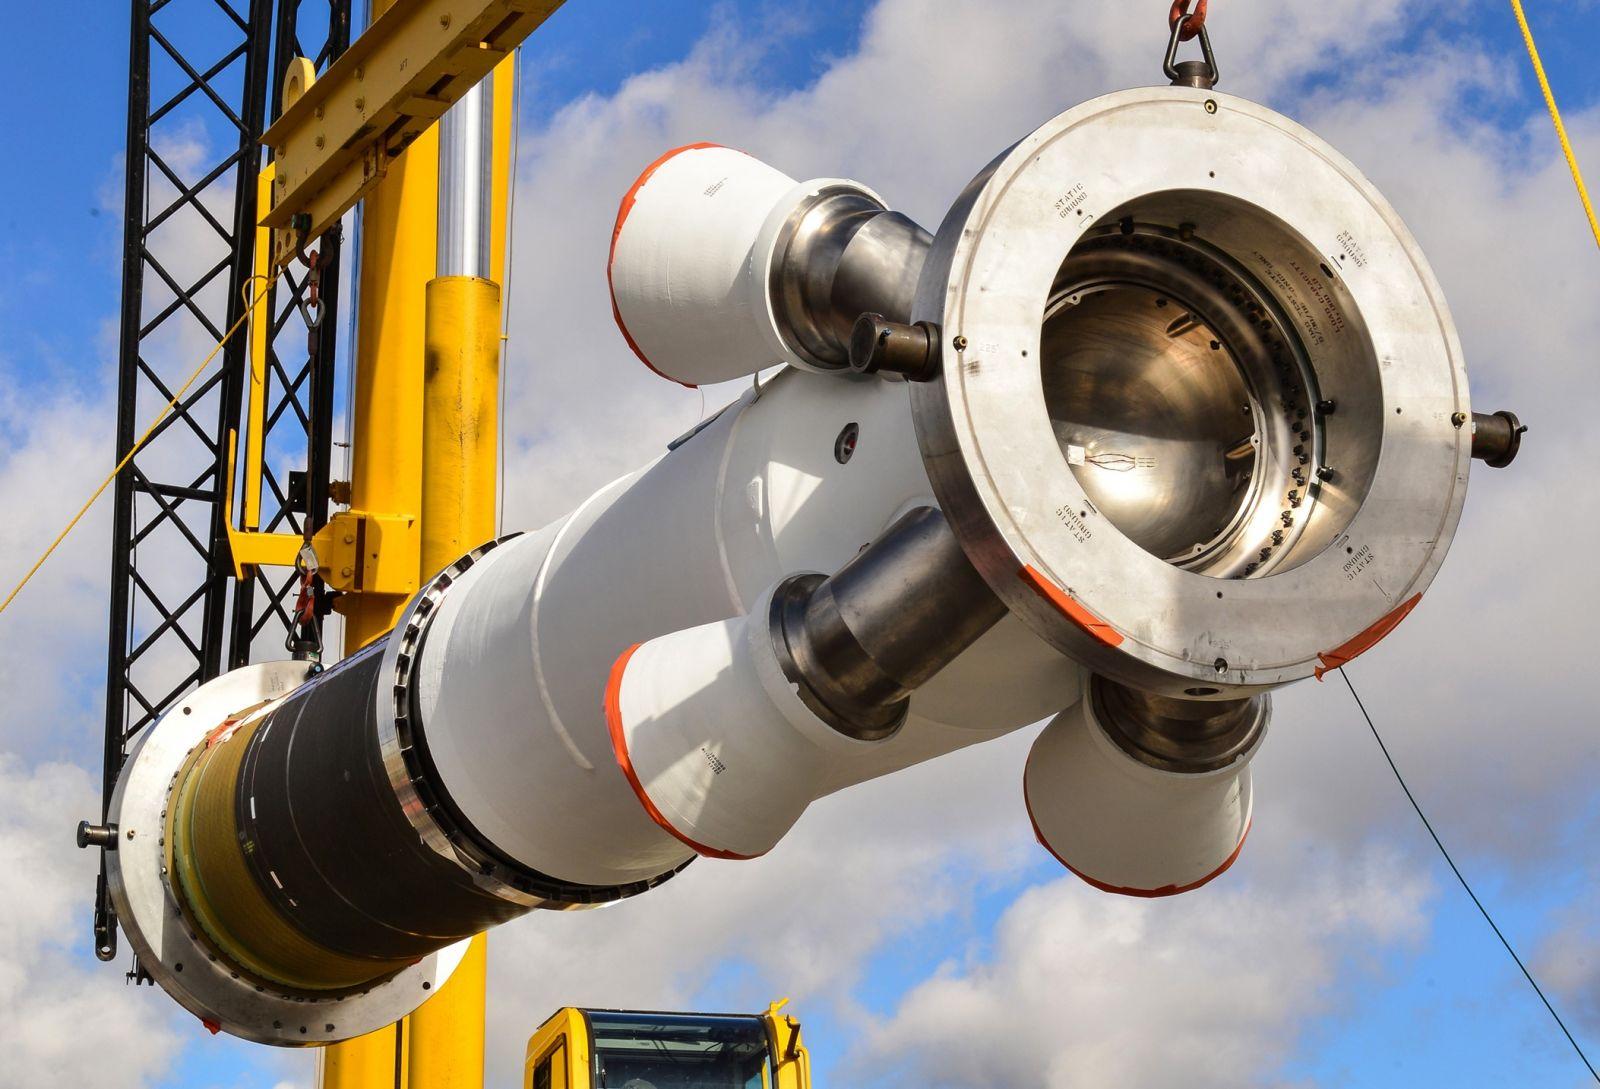 Предпосылки создания Ранее nasa осуществляло доставку грузов на МКС с помощью Шаттлов